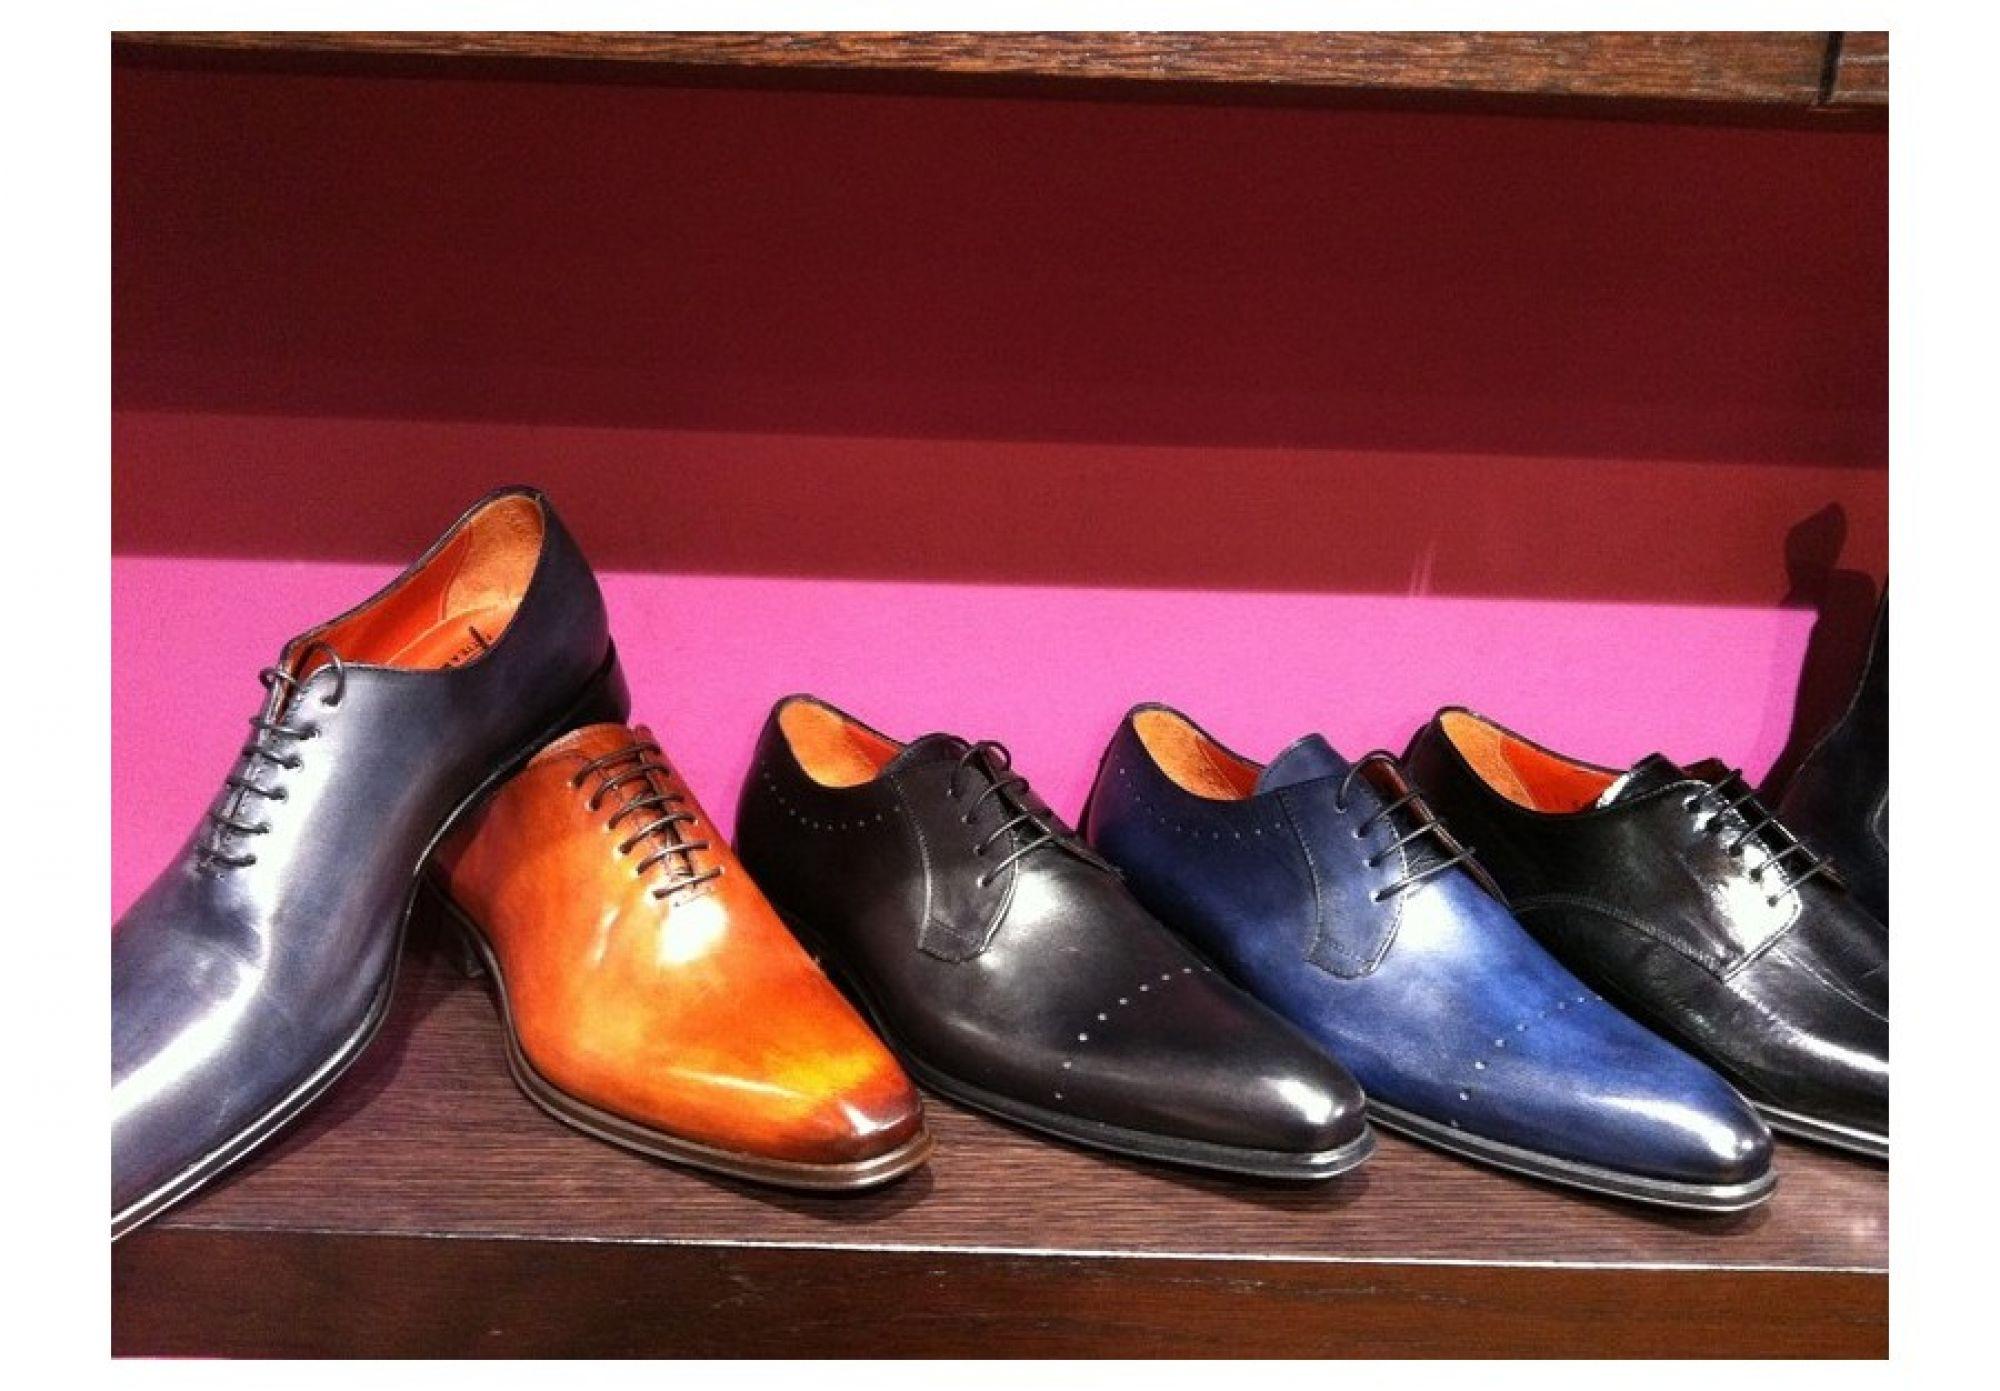 marque flecs chaussures jeans center nimes chaussures italiennes flecs à  nîmes